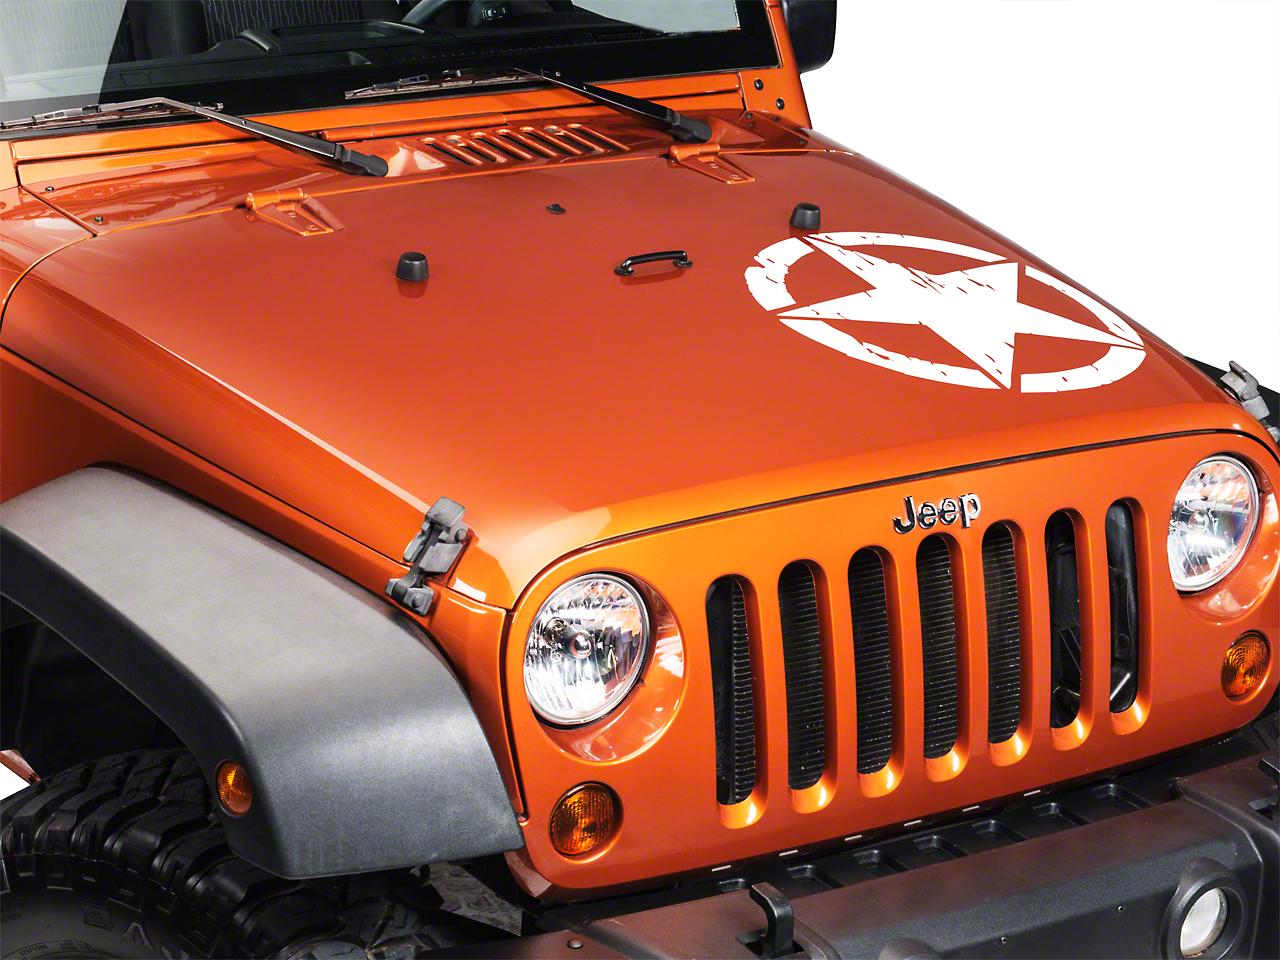 XT Graphics On The Move Star Kit - White (87-18 Jeep Wrangler YJ, TJ, JK & JL)